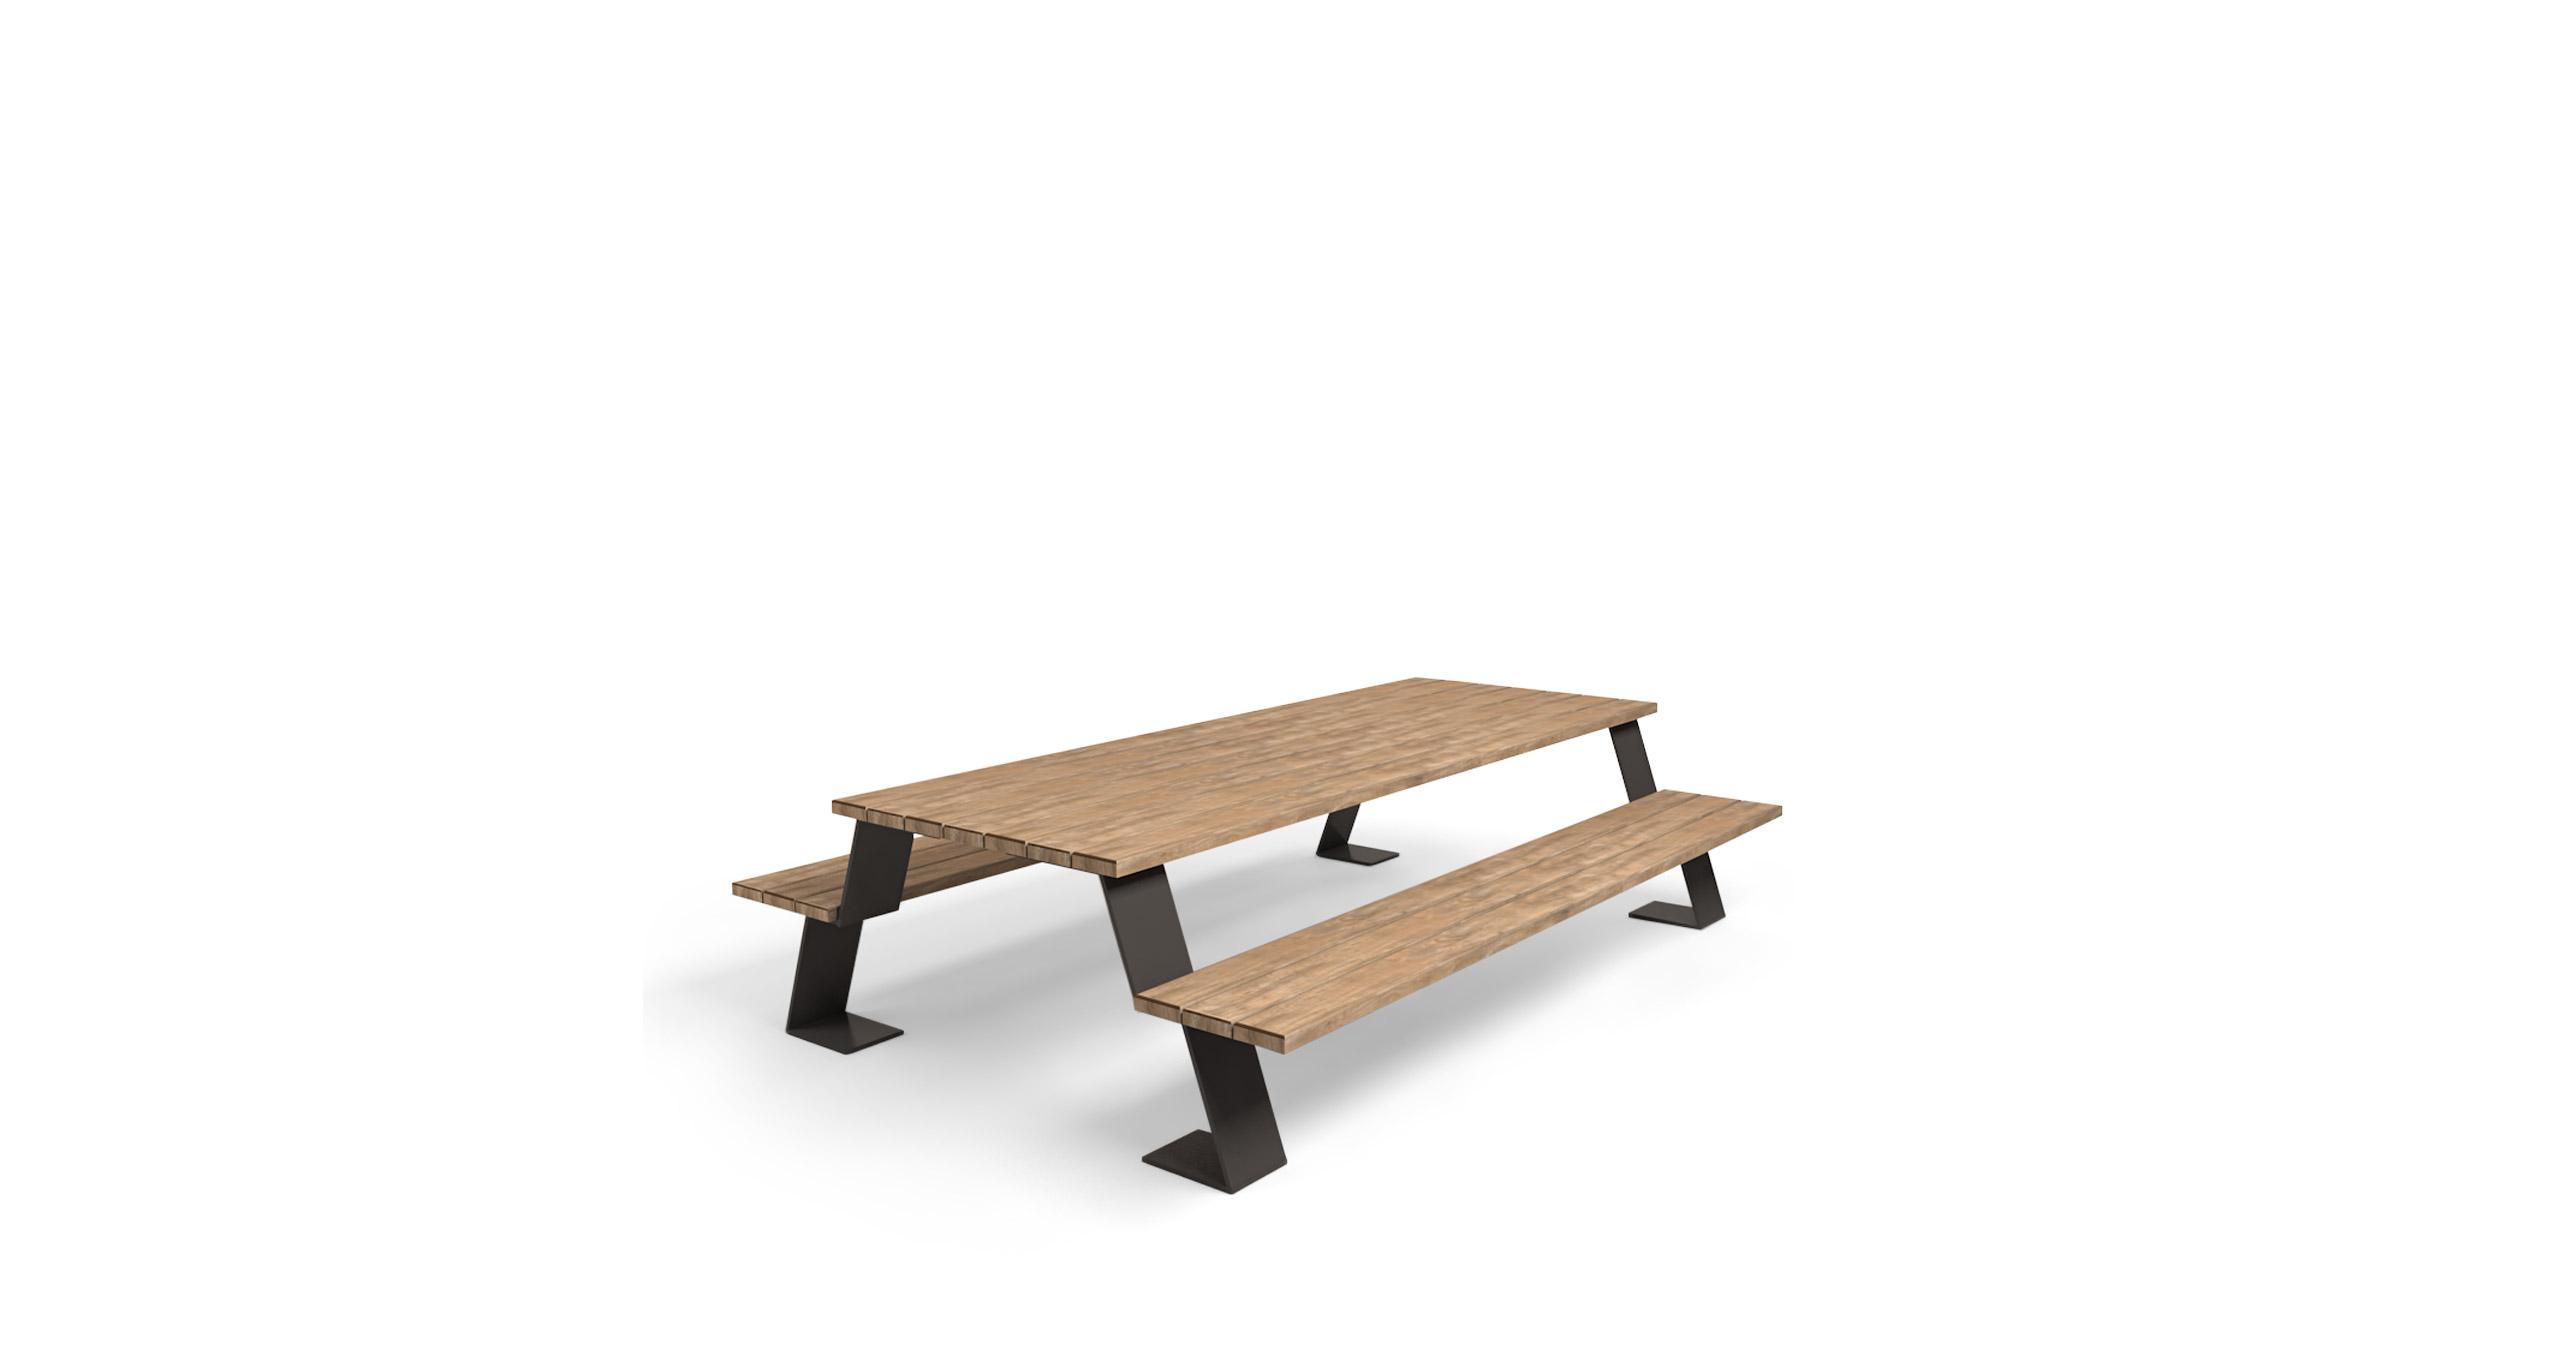 volente-outdoor-table-3